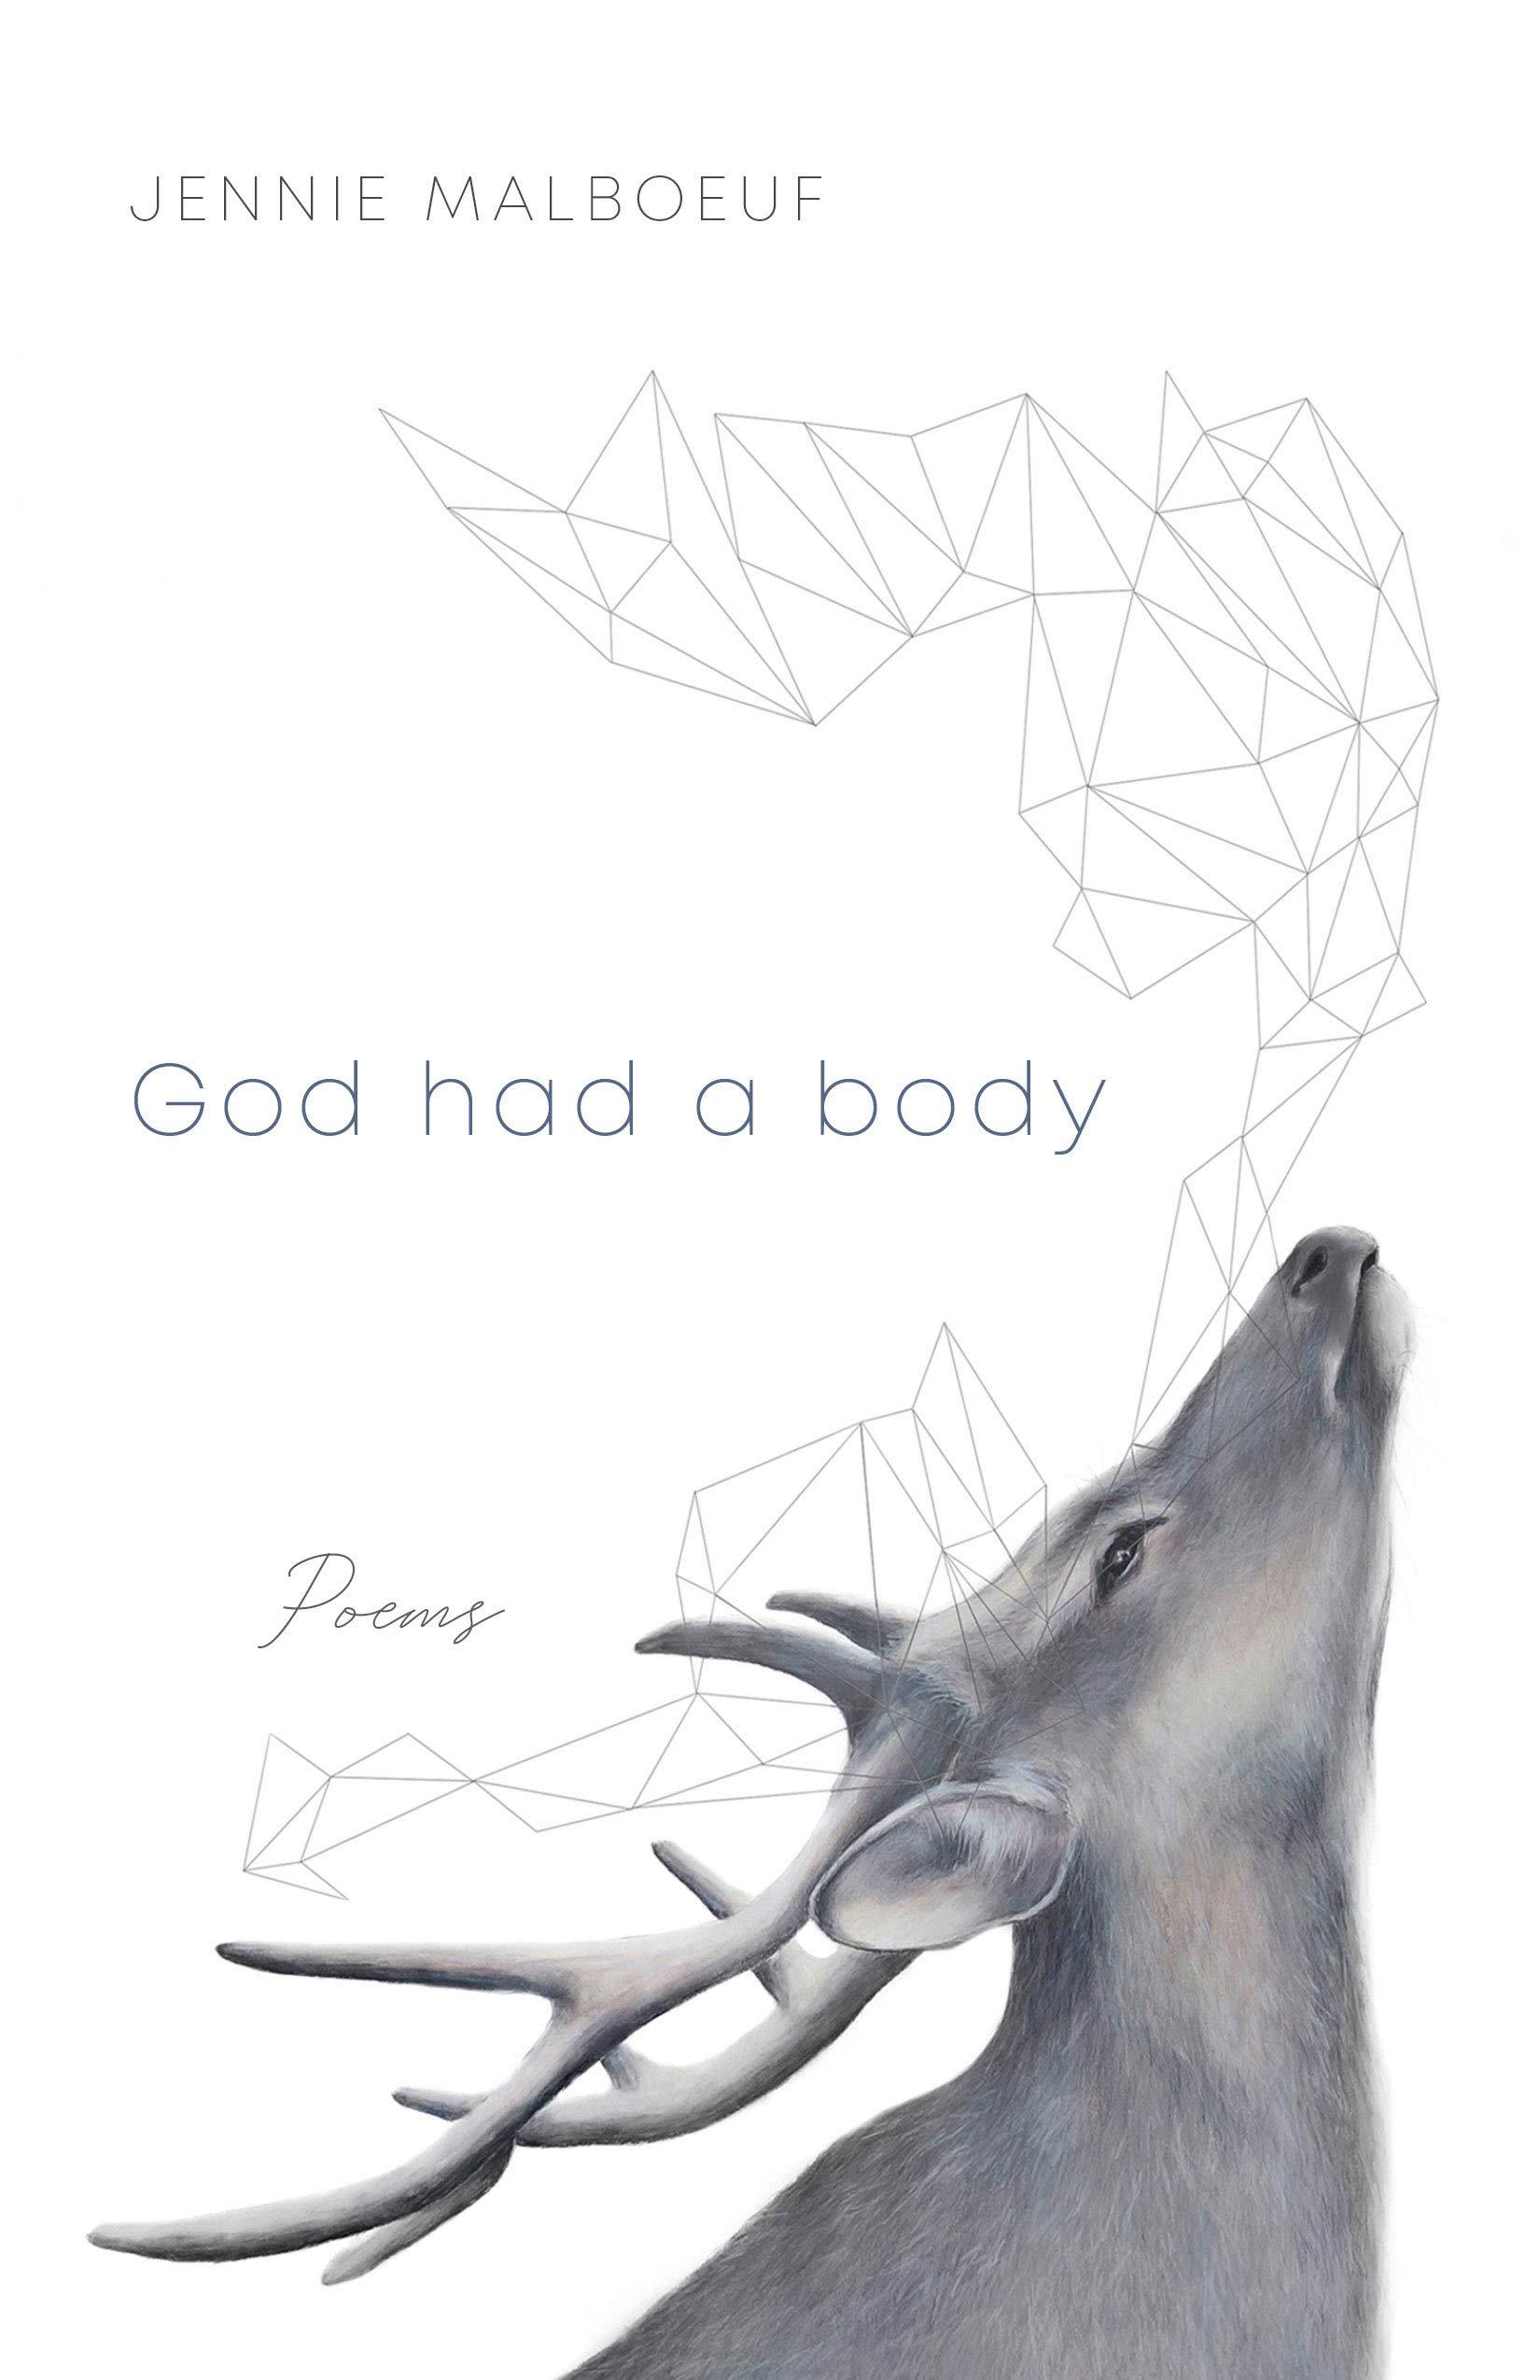 God had a body